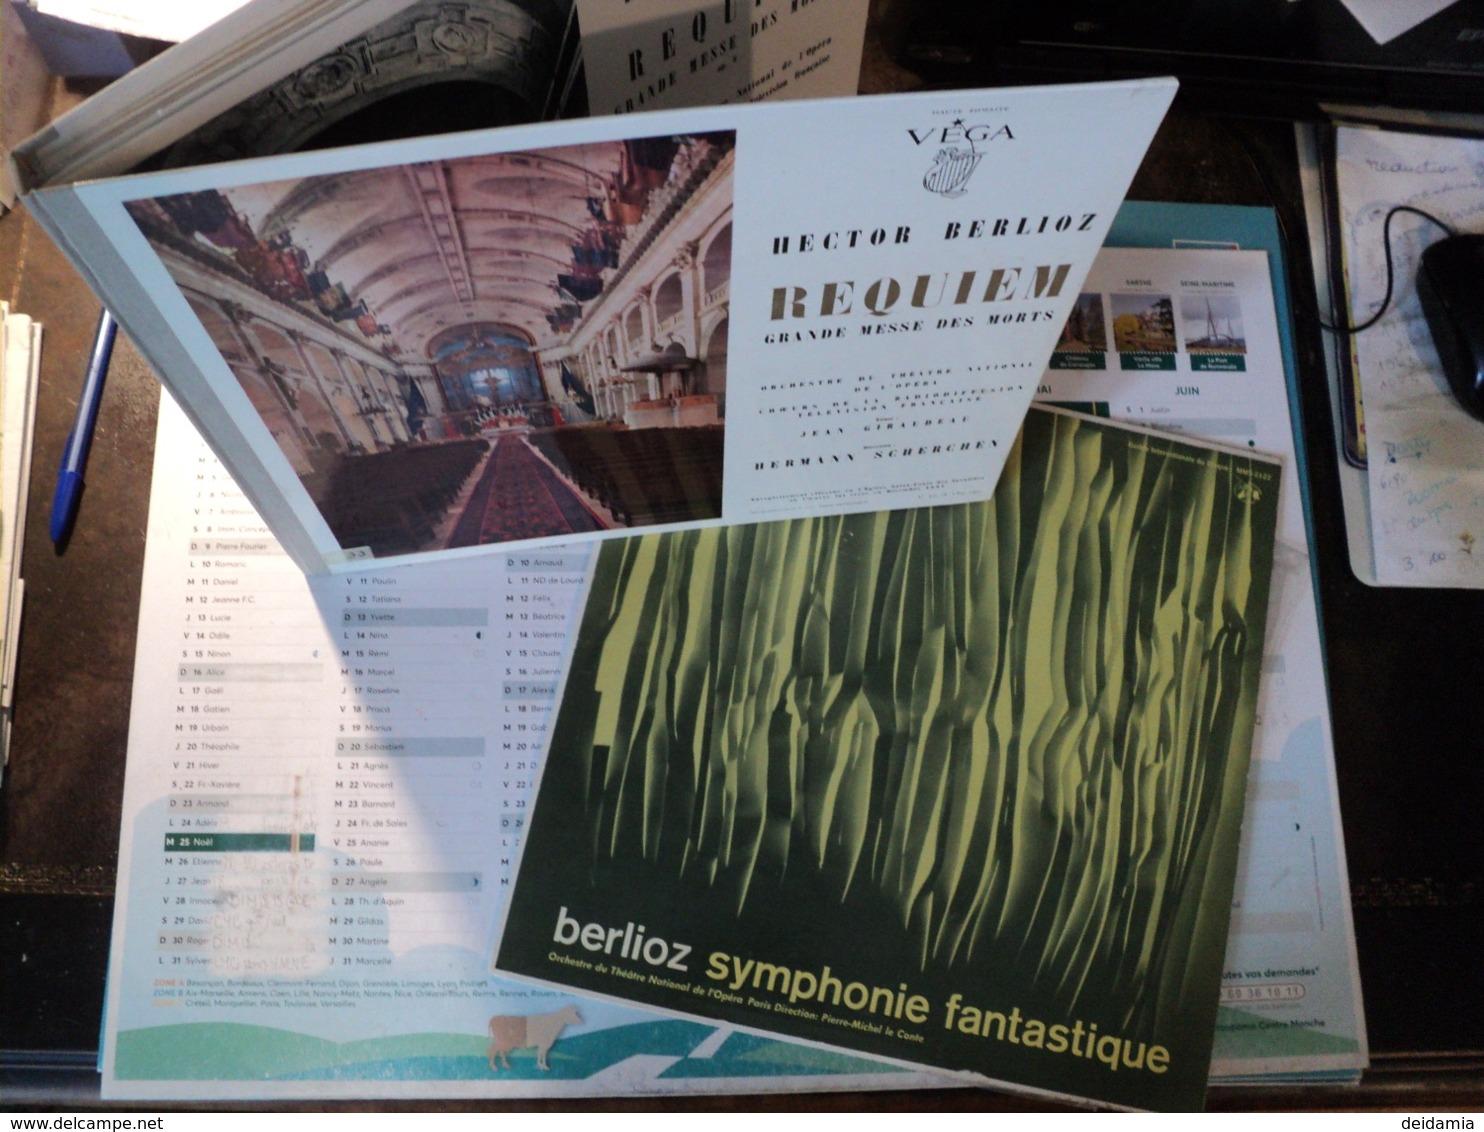 HECTOR BERLIOZ. LOT D 1 COFFRET DEUX 33 TOURS ET D UN 33 TOURS. 1959  SYMPHONIE FANTASTIQUE / REQUIEM GRANDE MESSE DES - Klassik